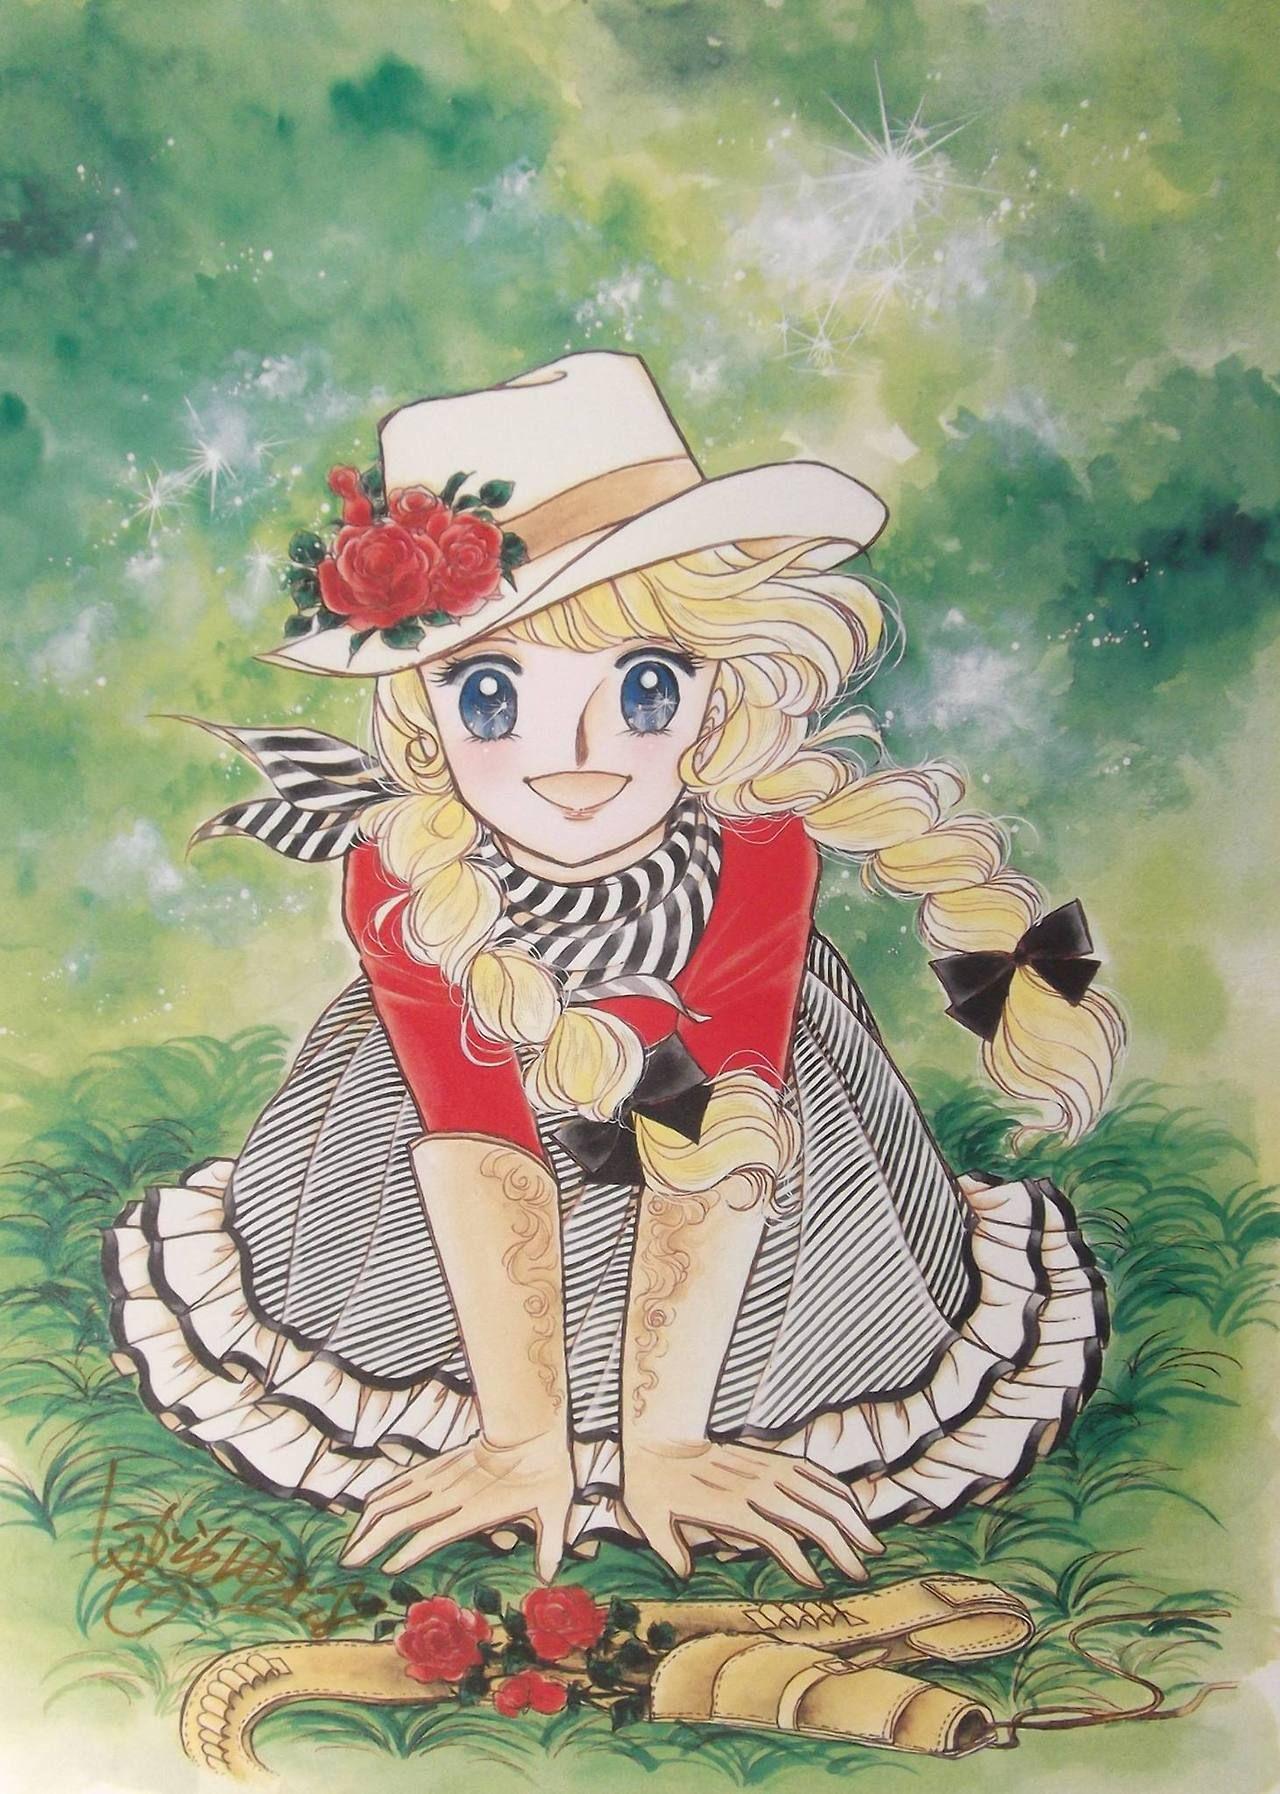 Yumiko Igarashi Yumiko Igarashi Pinterest Manga and